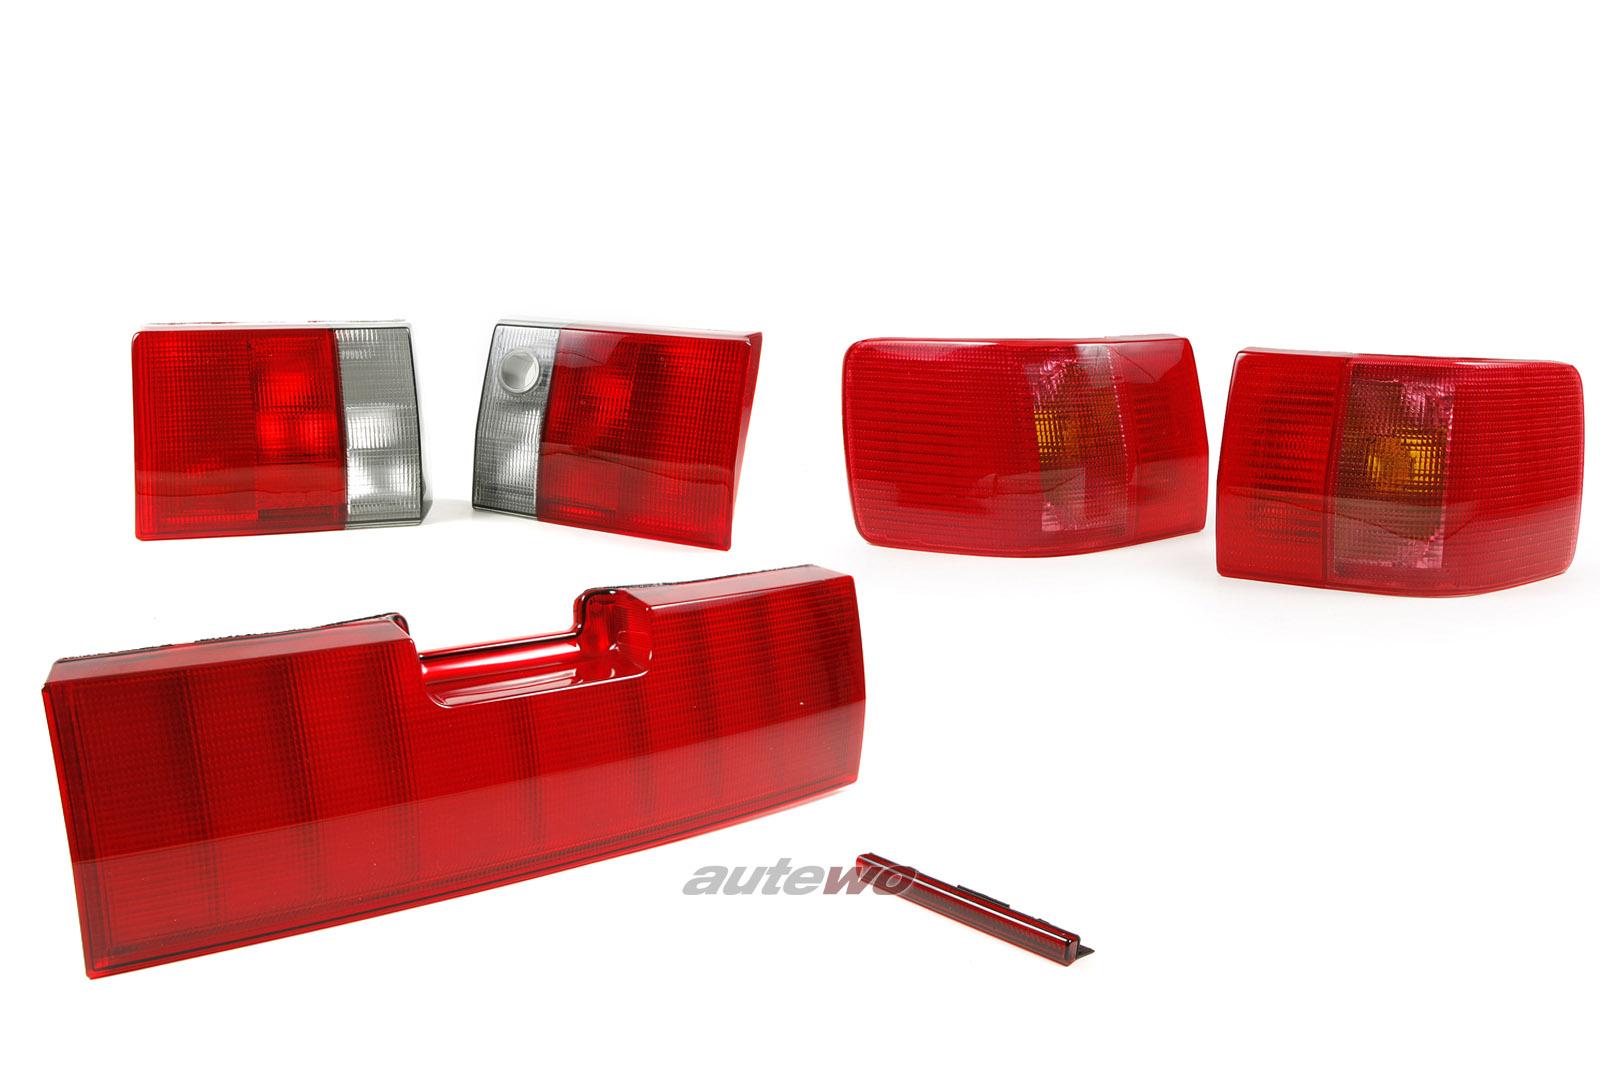 8A9945217/218/8A9945223A/224A/8A9853489B NEU Audi RS2 SET Rückleuchten